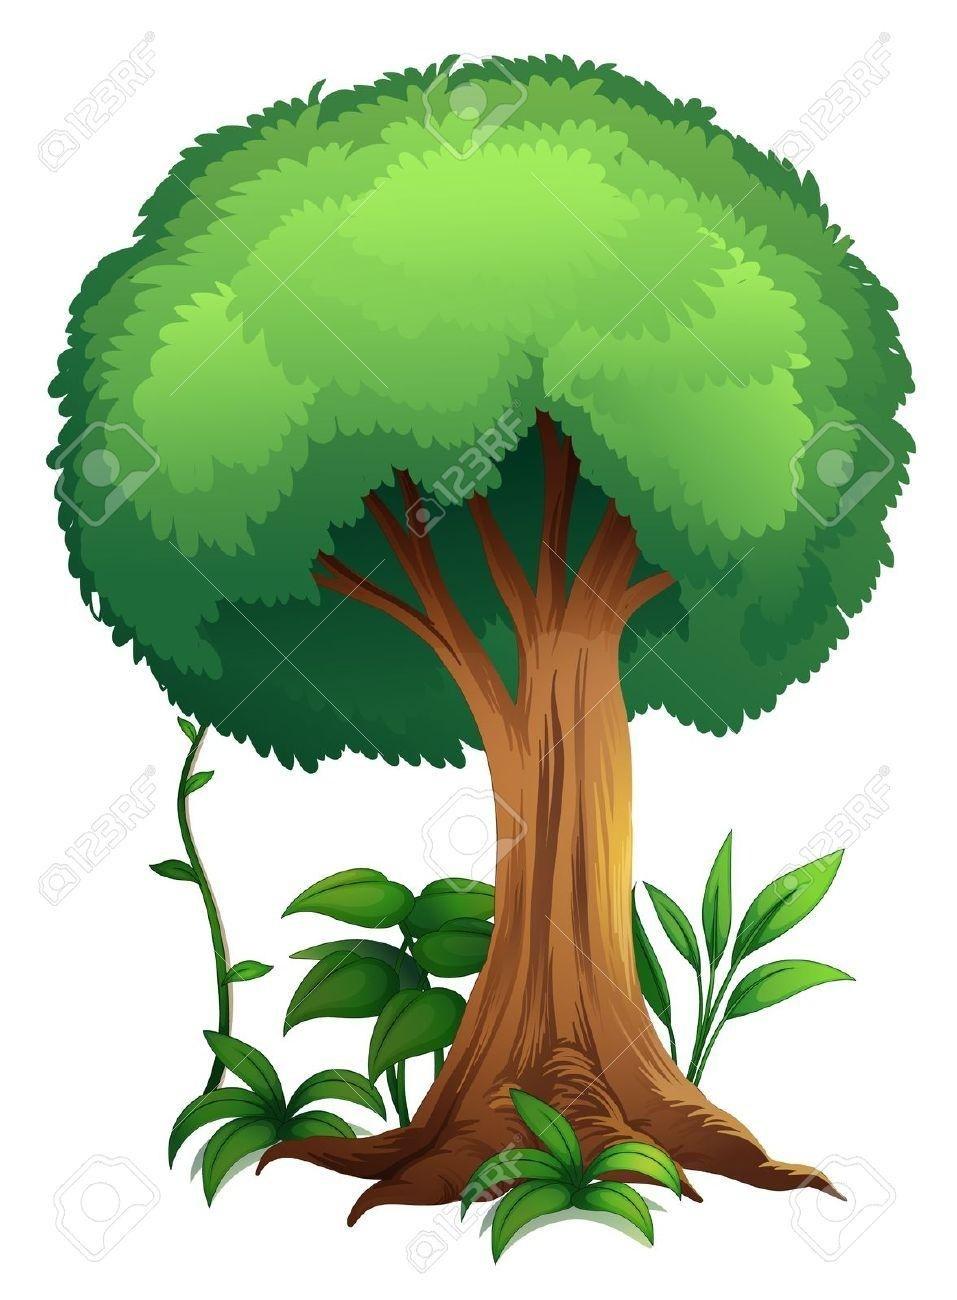 957x1300 Drawn Jungle Jungle Tree